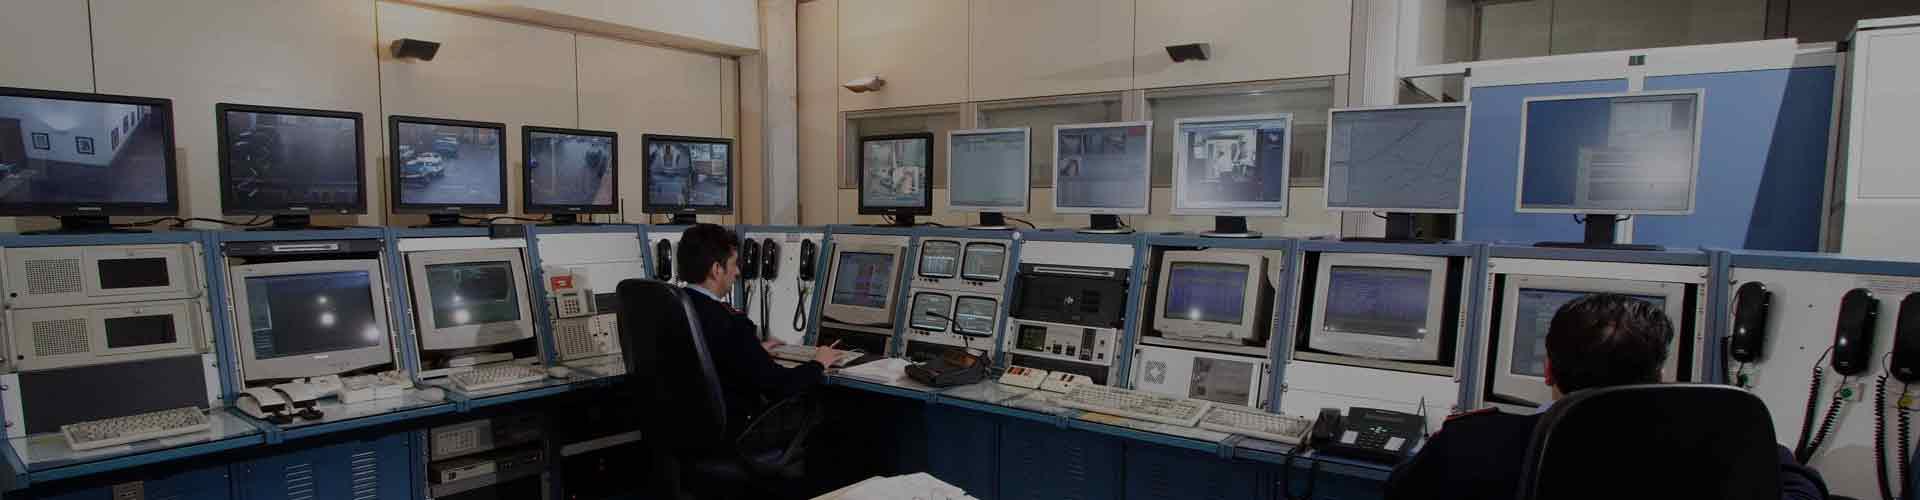 SEI Sicurezza a Padova dispone di un Servizio centrale operativo 24 ore su 24